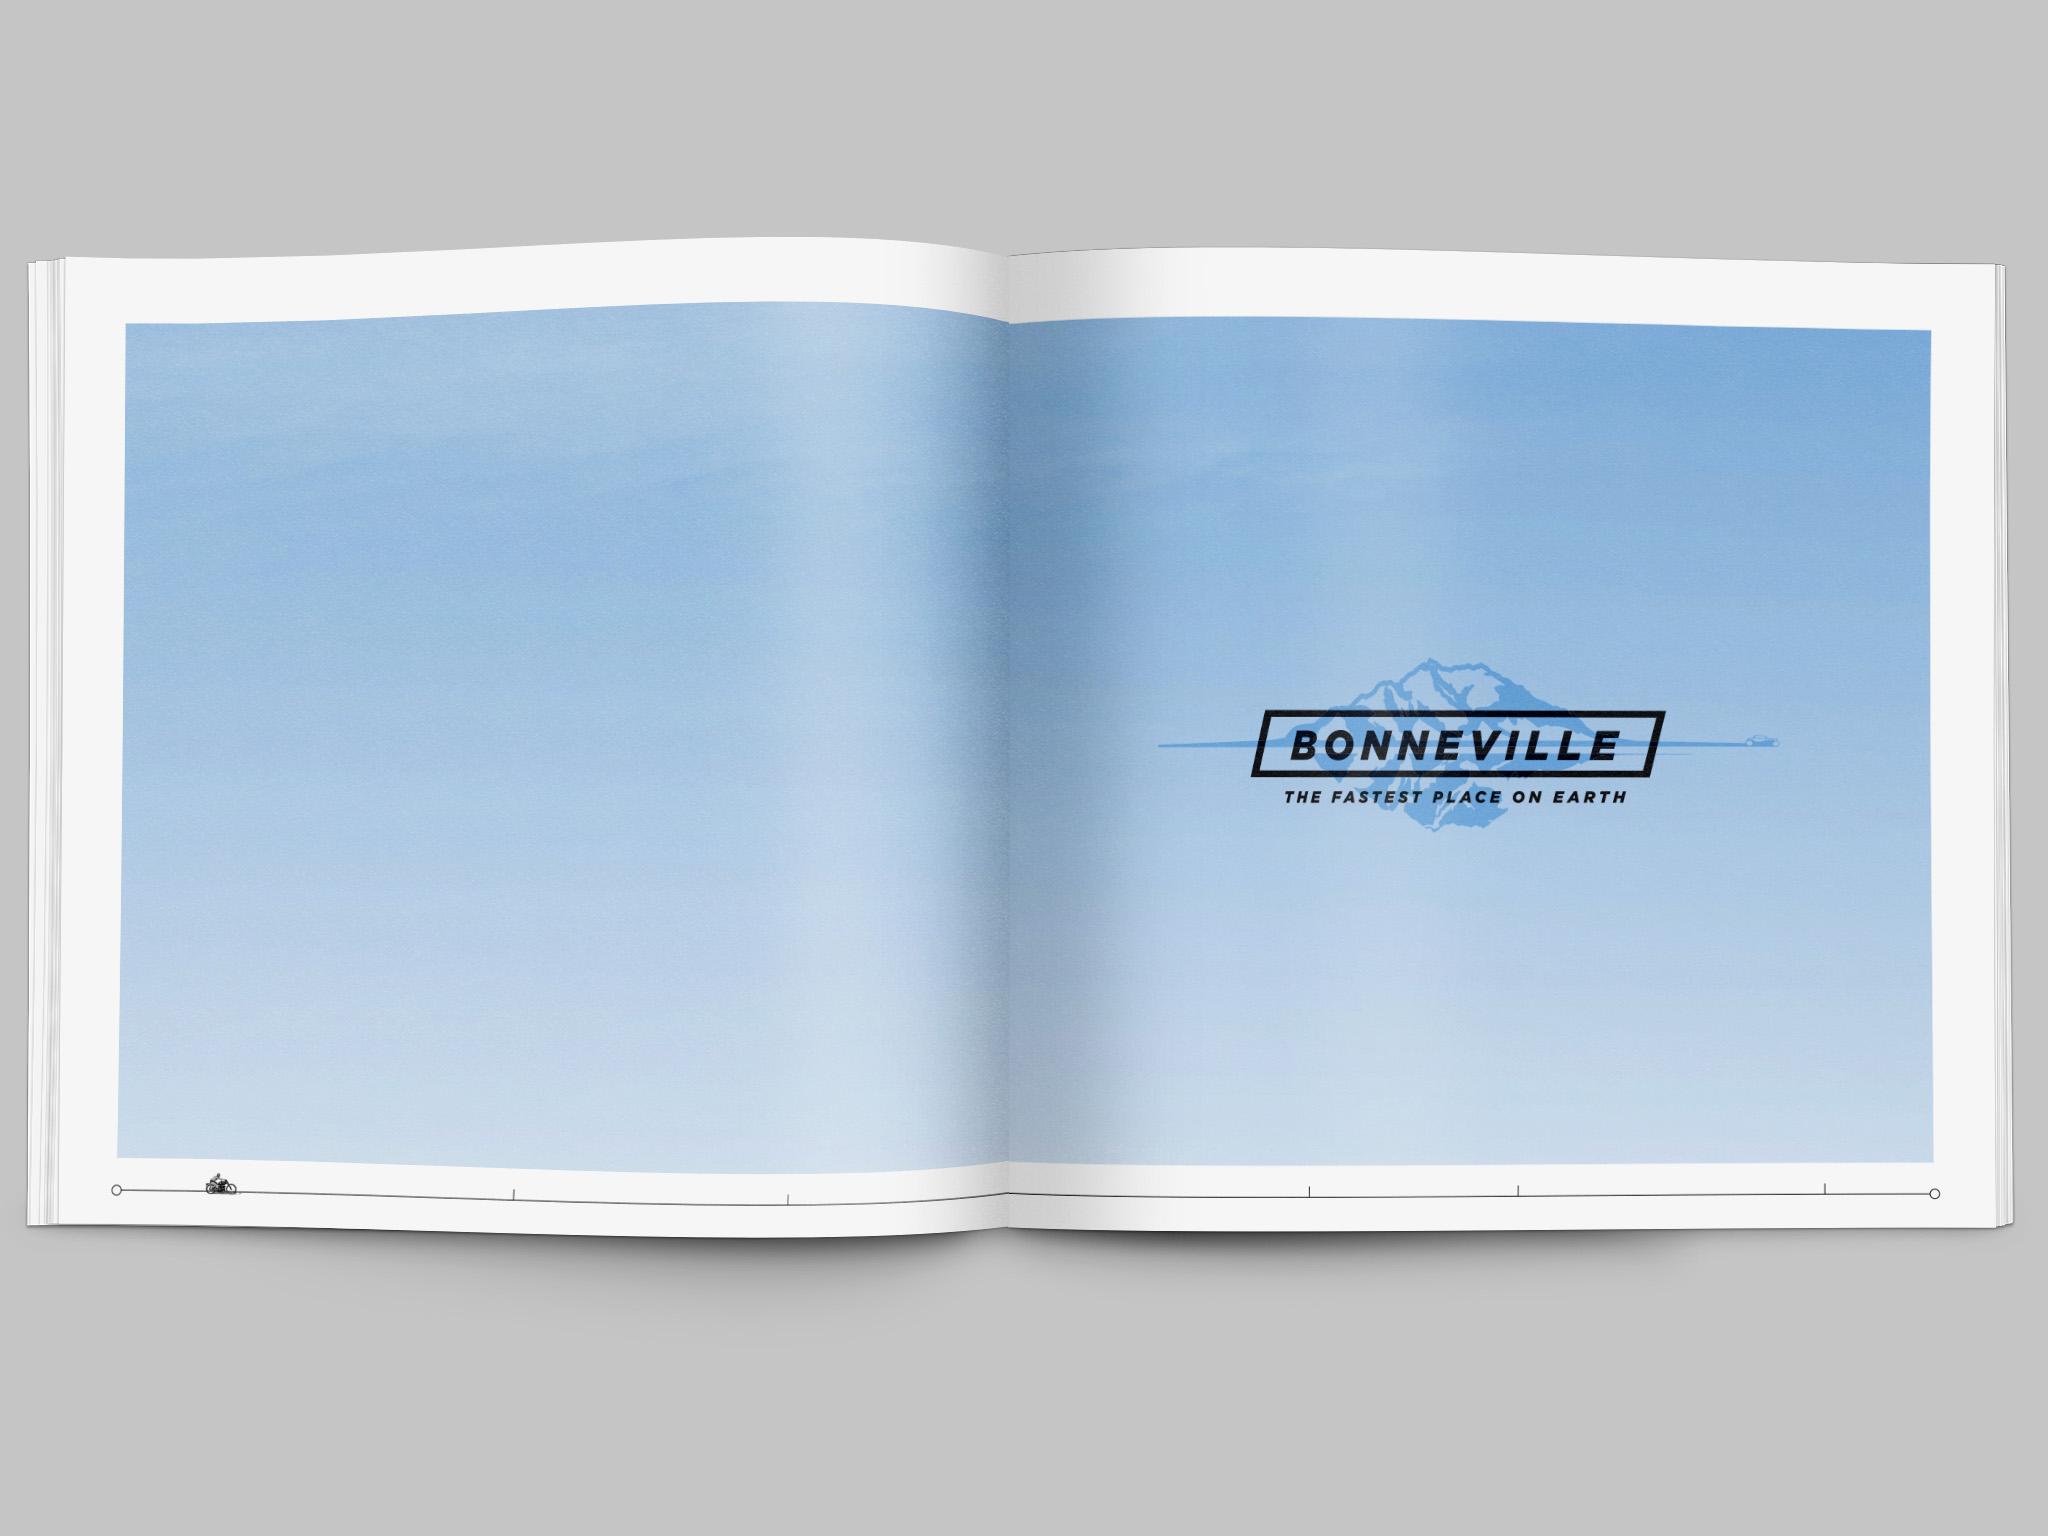 landspeed_horizontal_0000s_0001_landspeed_bookmockuptwopager.jpg